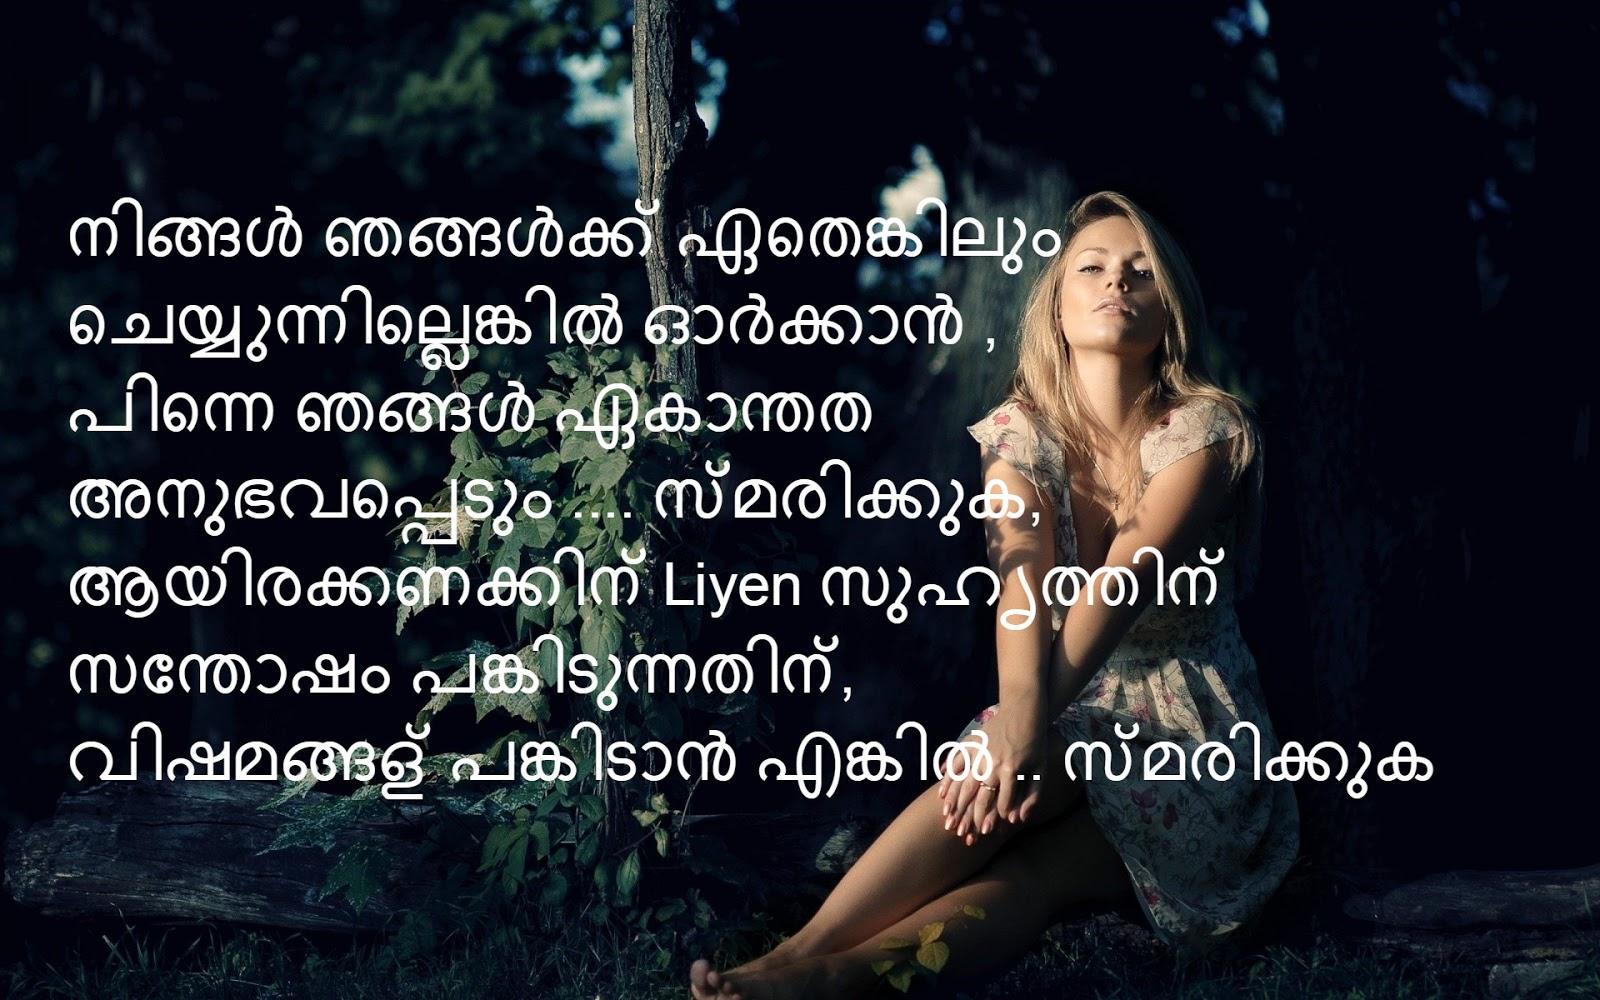 happy valentines day sms hindi tamil telugu marathi